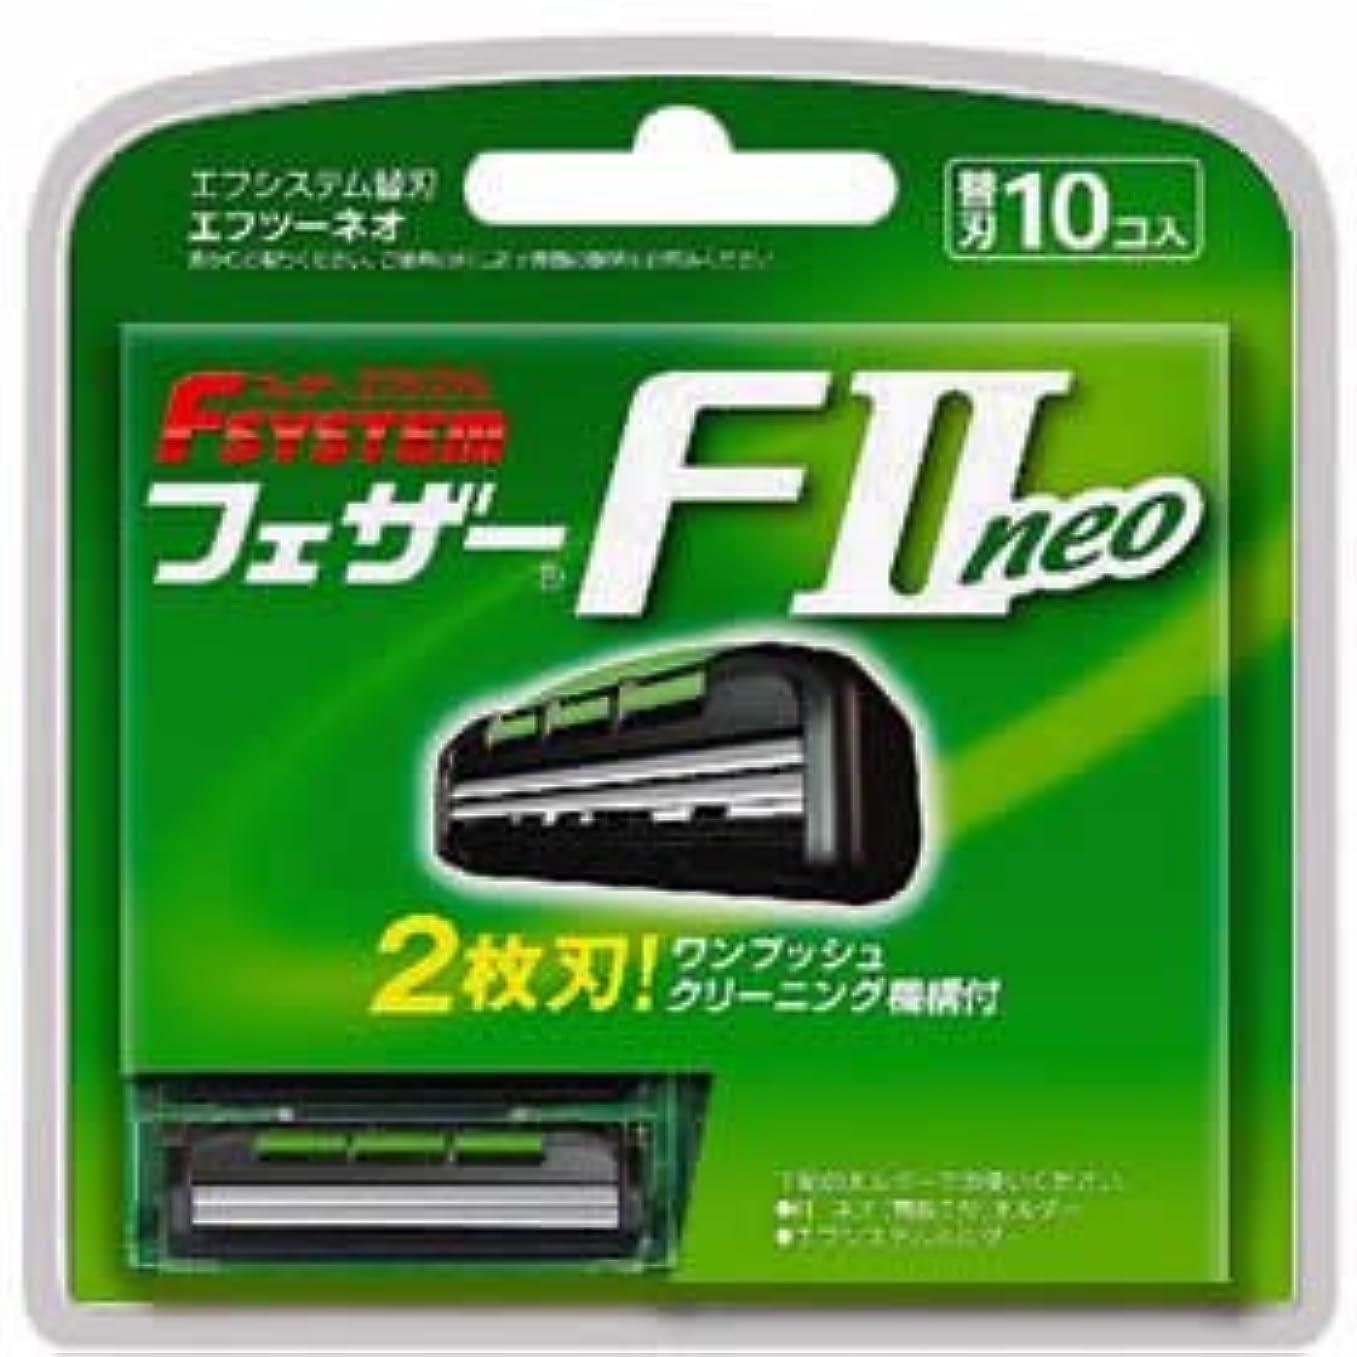 受け継ぐ目の前の大惨事フェザー エフシステム F2ネオ 替刃 10個